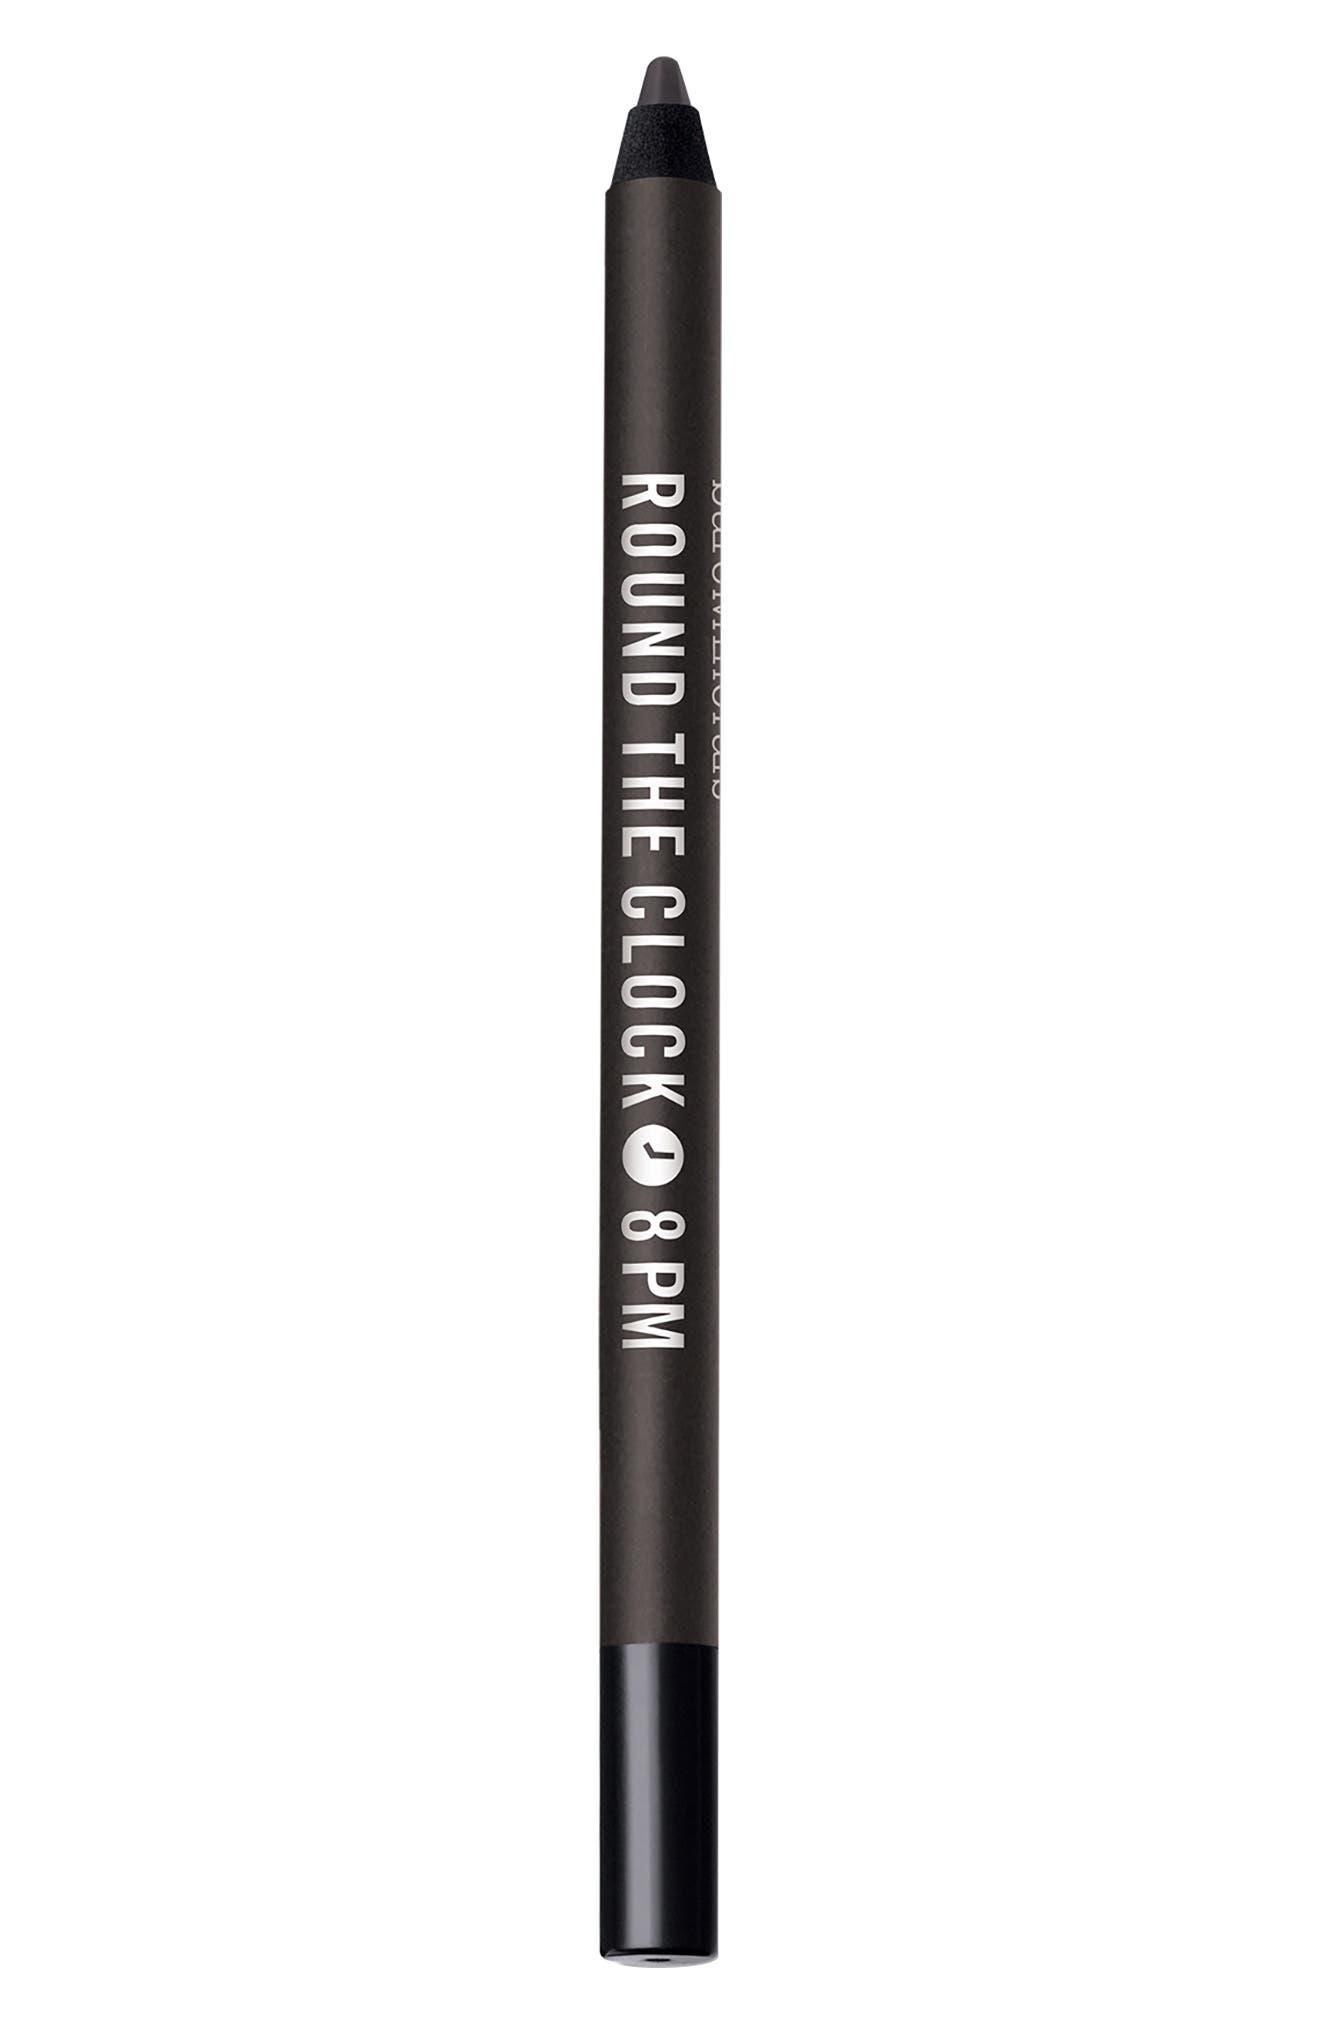 Bareminerals Round The Clock Intense Cream-Glide Eyeliner - 8Pm